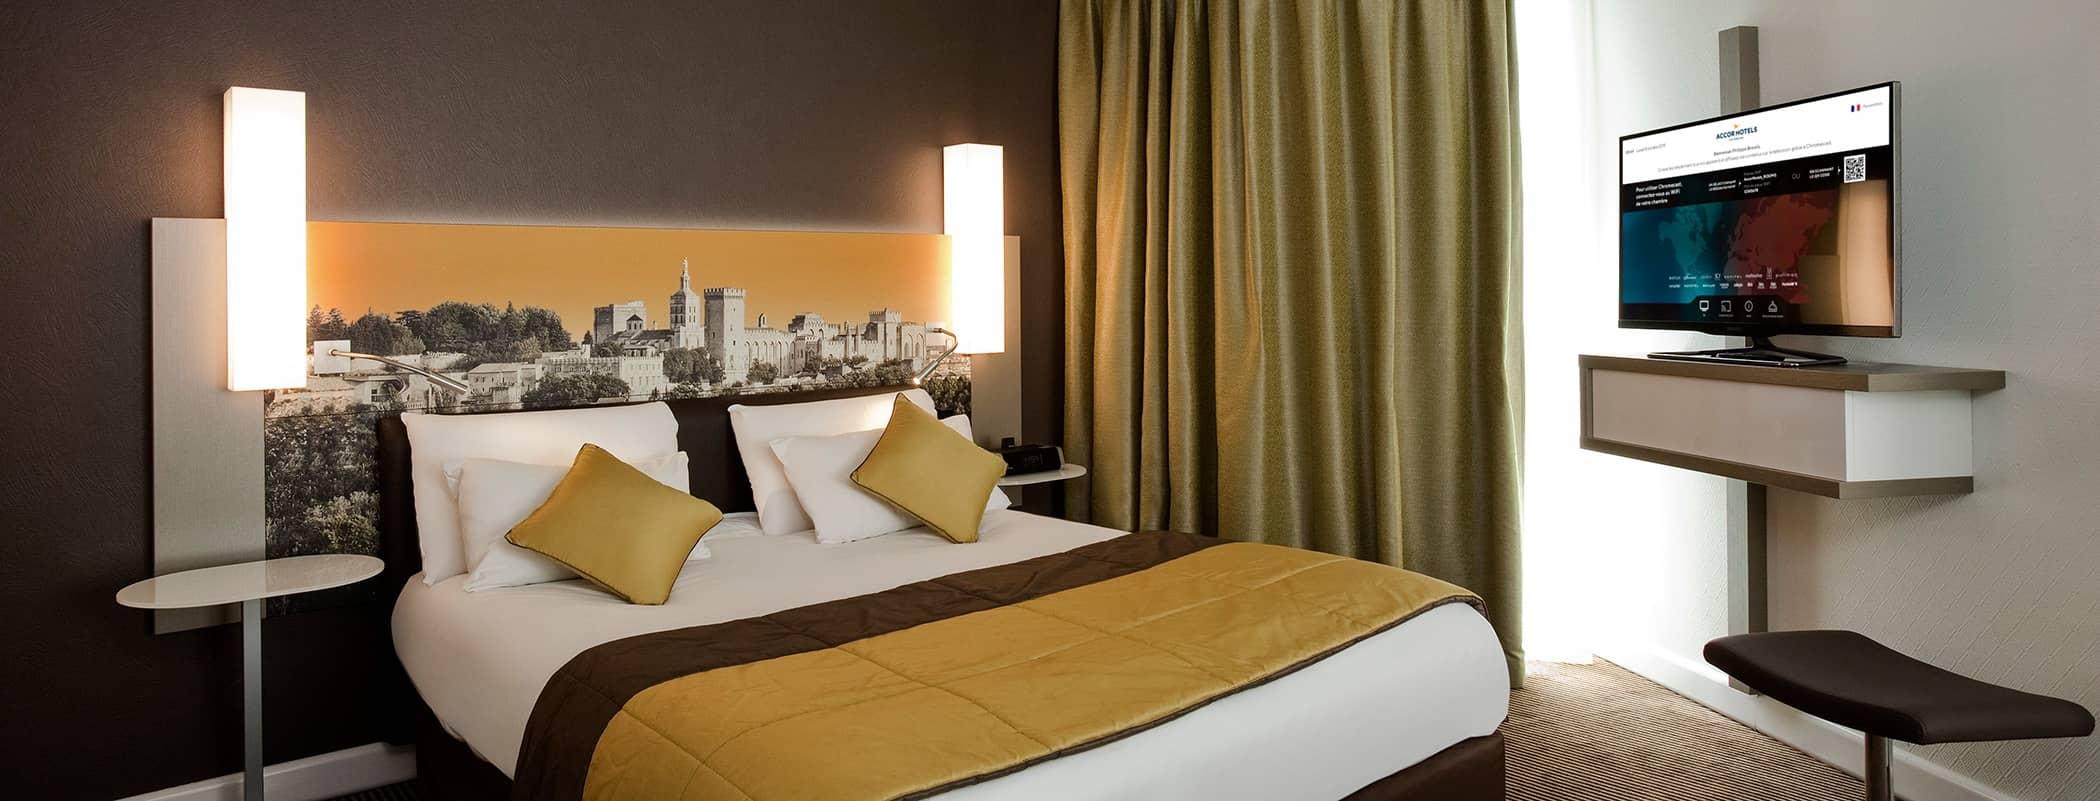 Expérience connectée avec internet très haut débit dans les hôtels